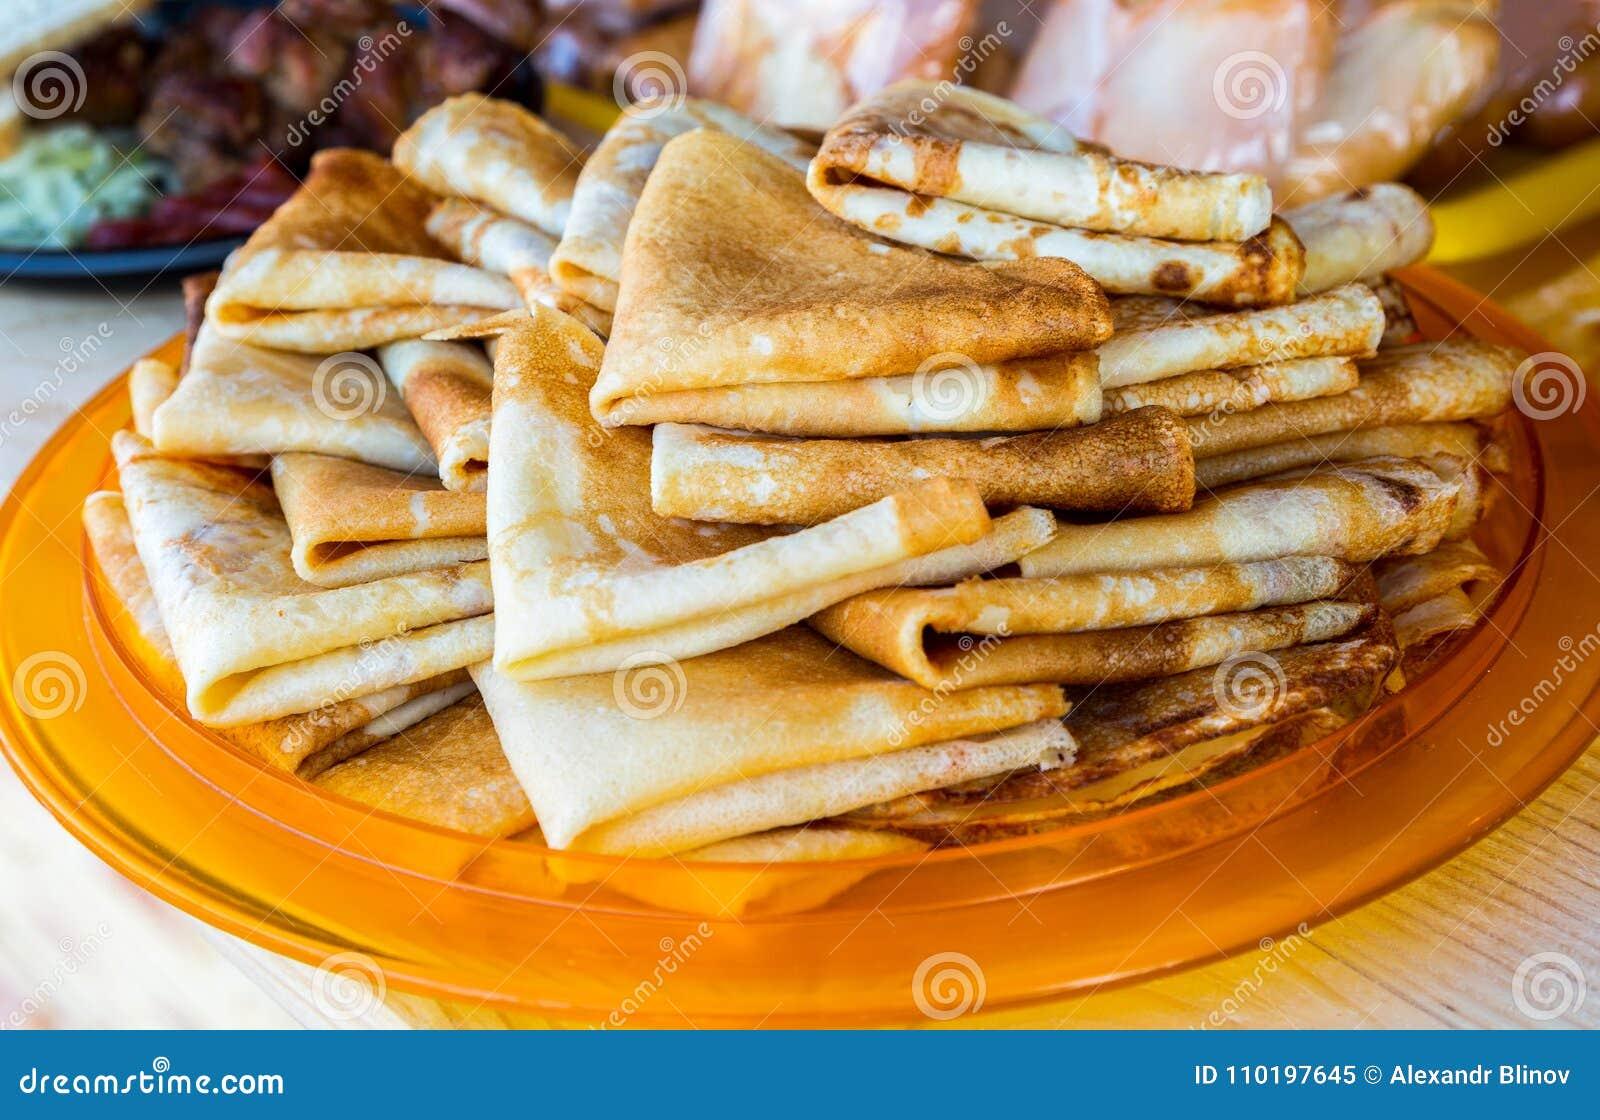 Nourriture traditionnelle russe cr pes frites app tissantes image stock image du d licieux - Cuisine traditionnelle russe ...